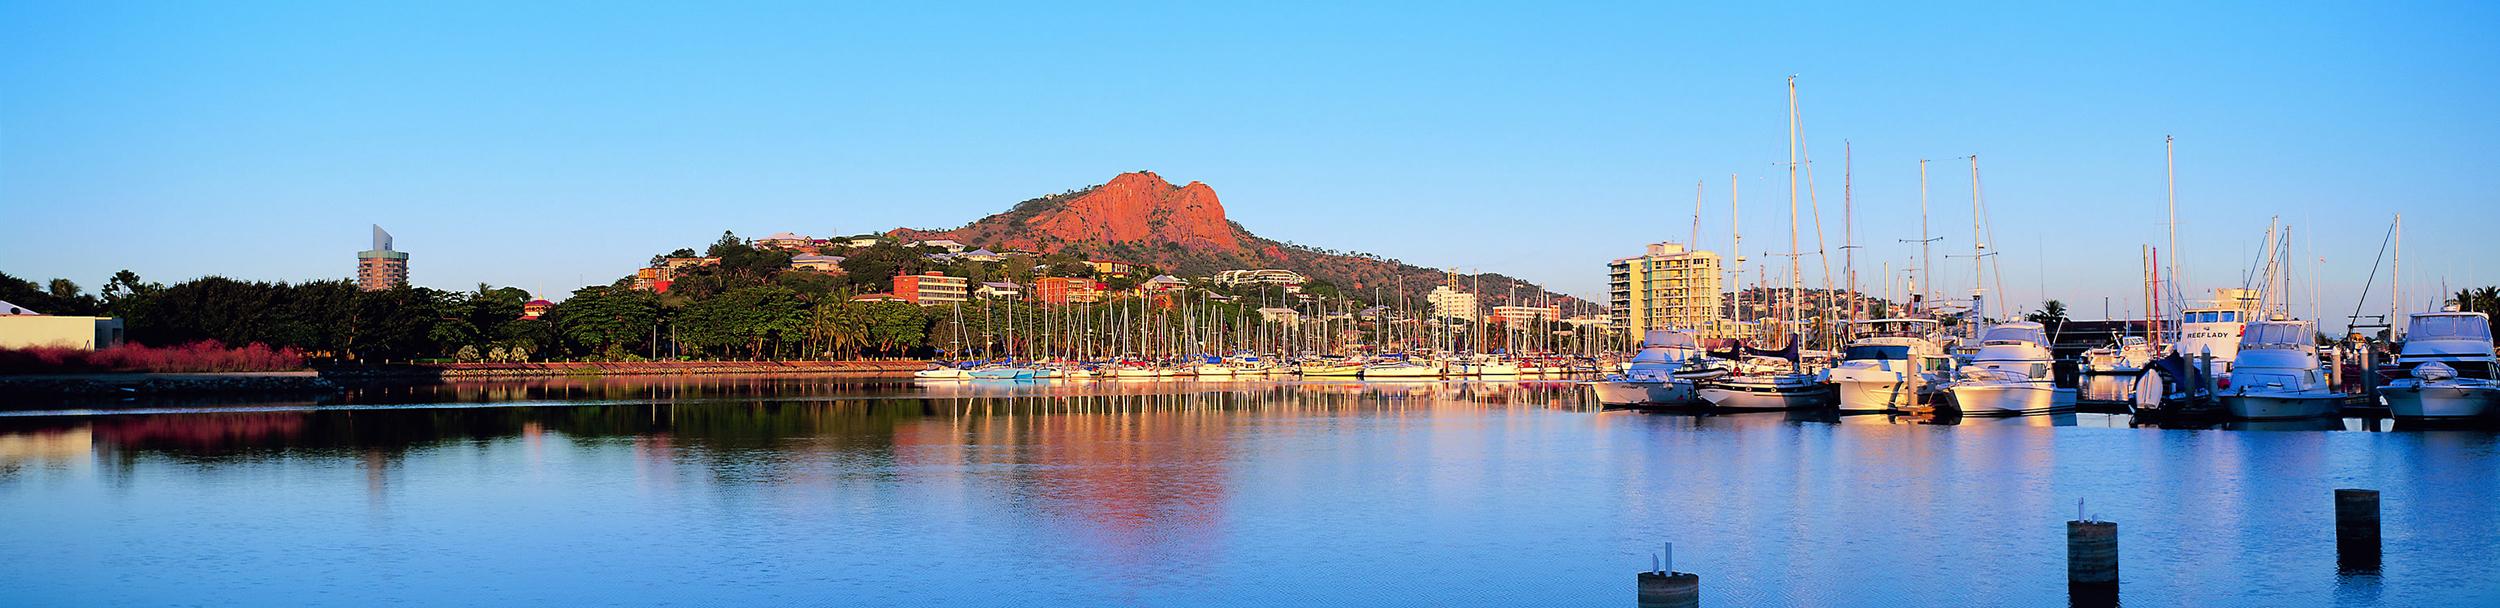 Townsville landscape